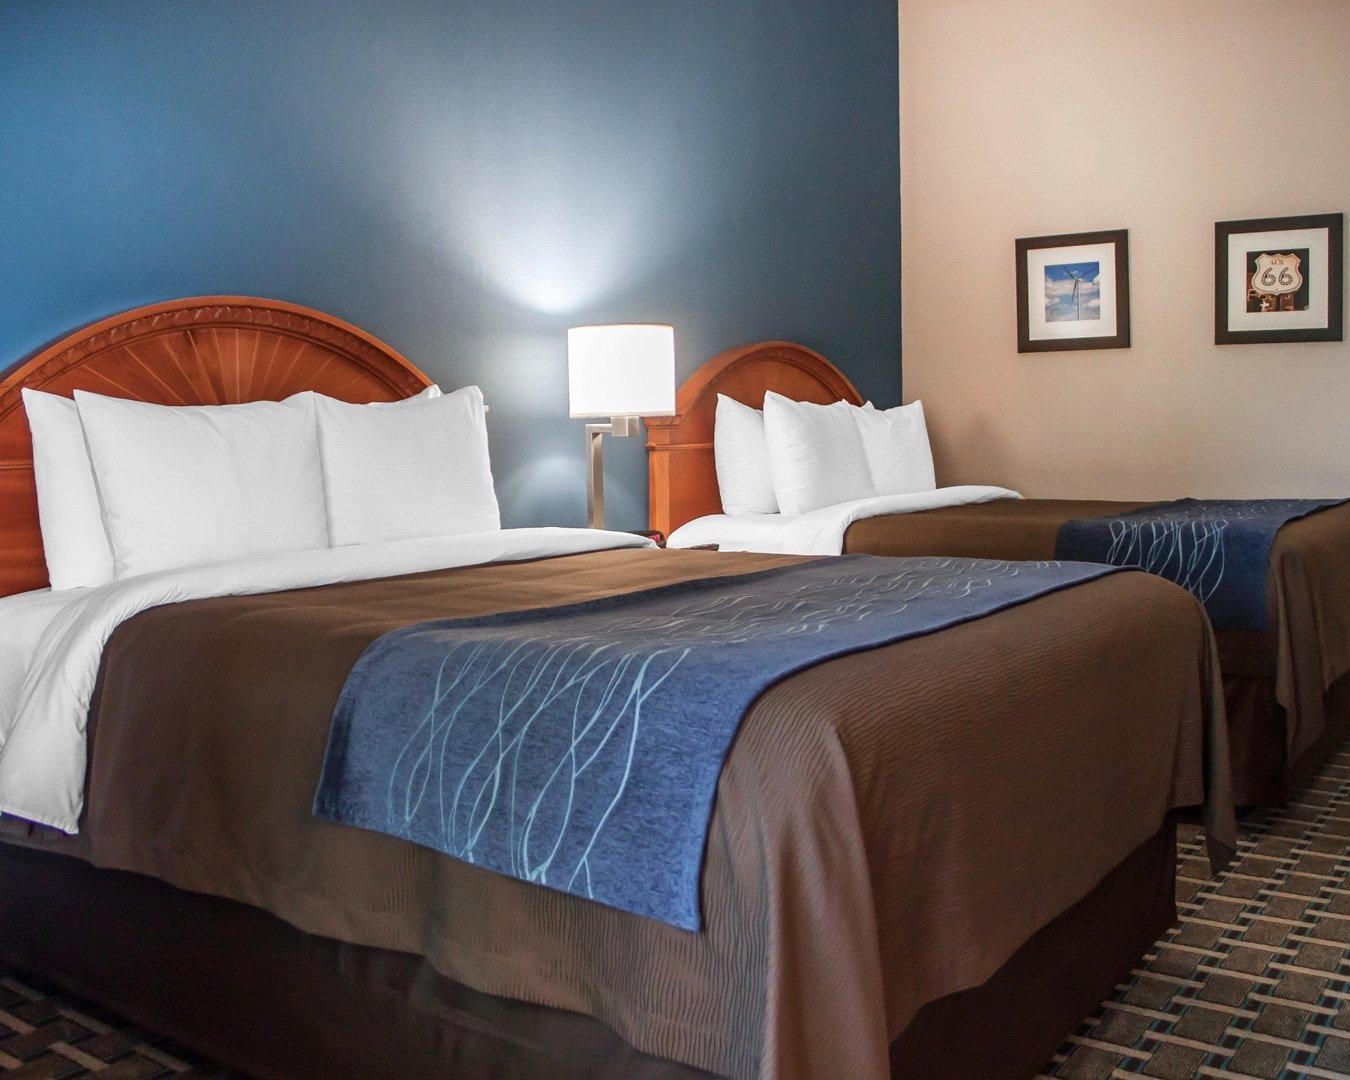 Comfort Inn & Suites, Weatherford OK